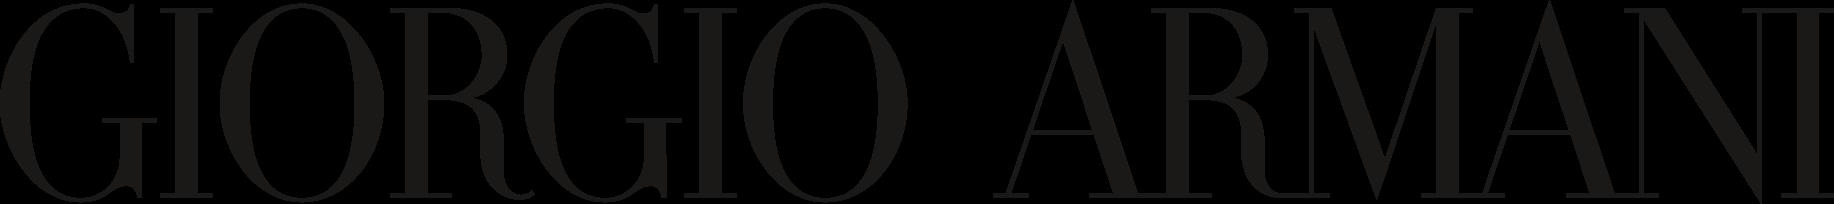 Giorgio Armani očalni okvirji